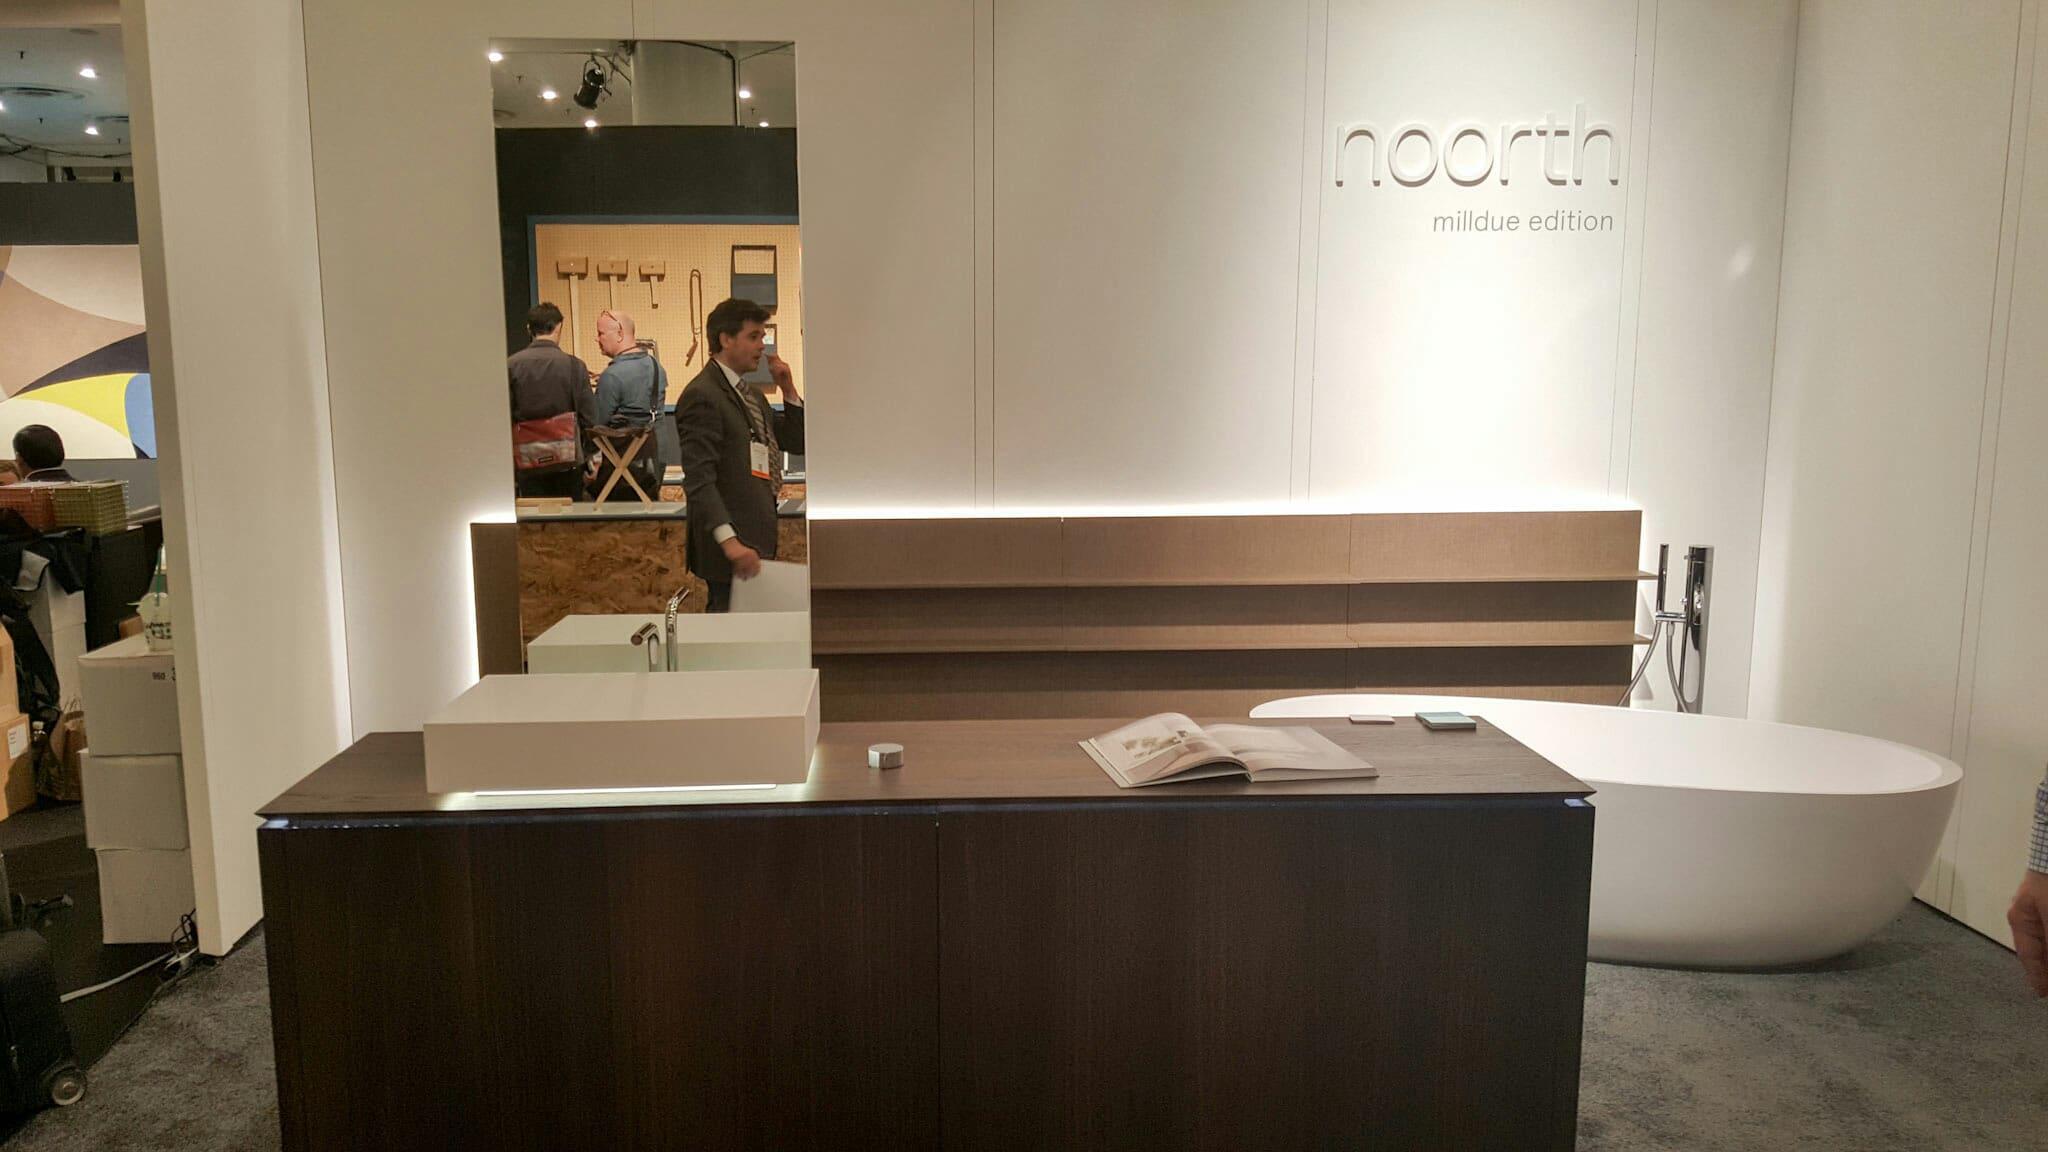 ICFF modern bathroom display